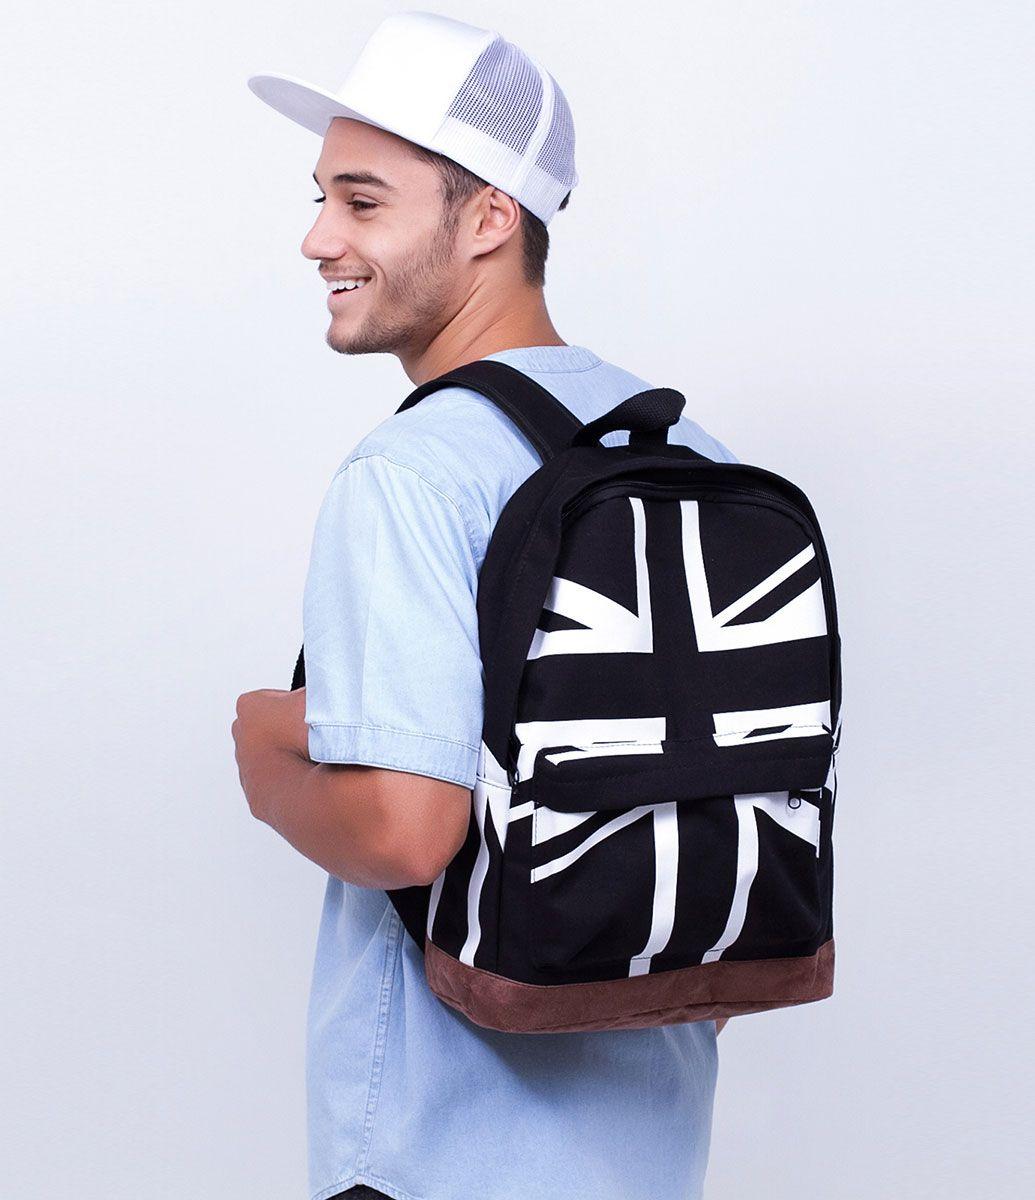 587d2b13c Mochila masculina Com estampa Marca: Accessories Men Tecido: lona Veja  outras opções de mochilas masculinas.